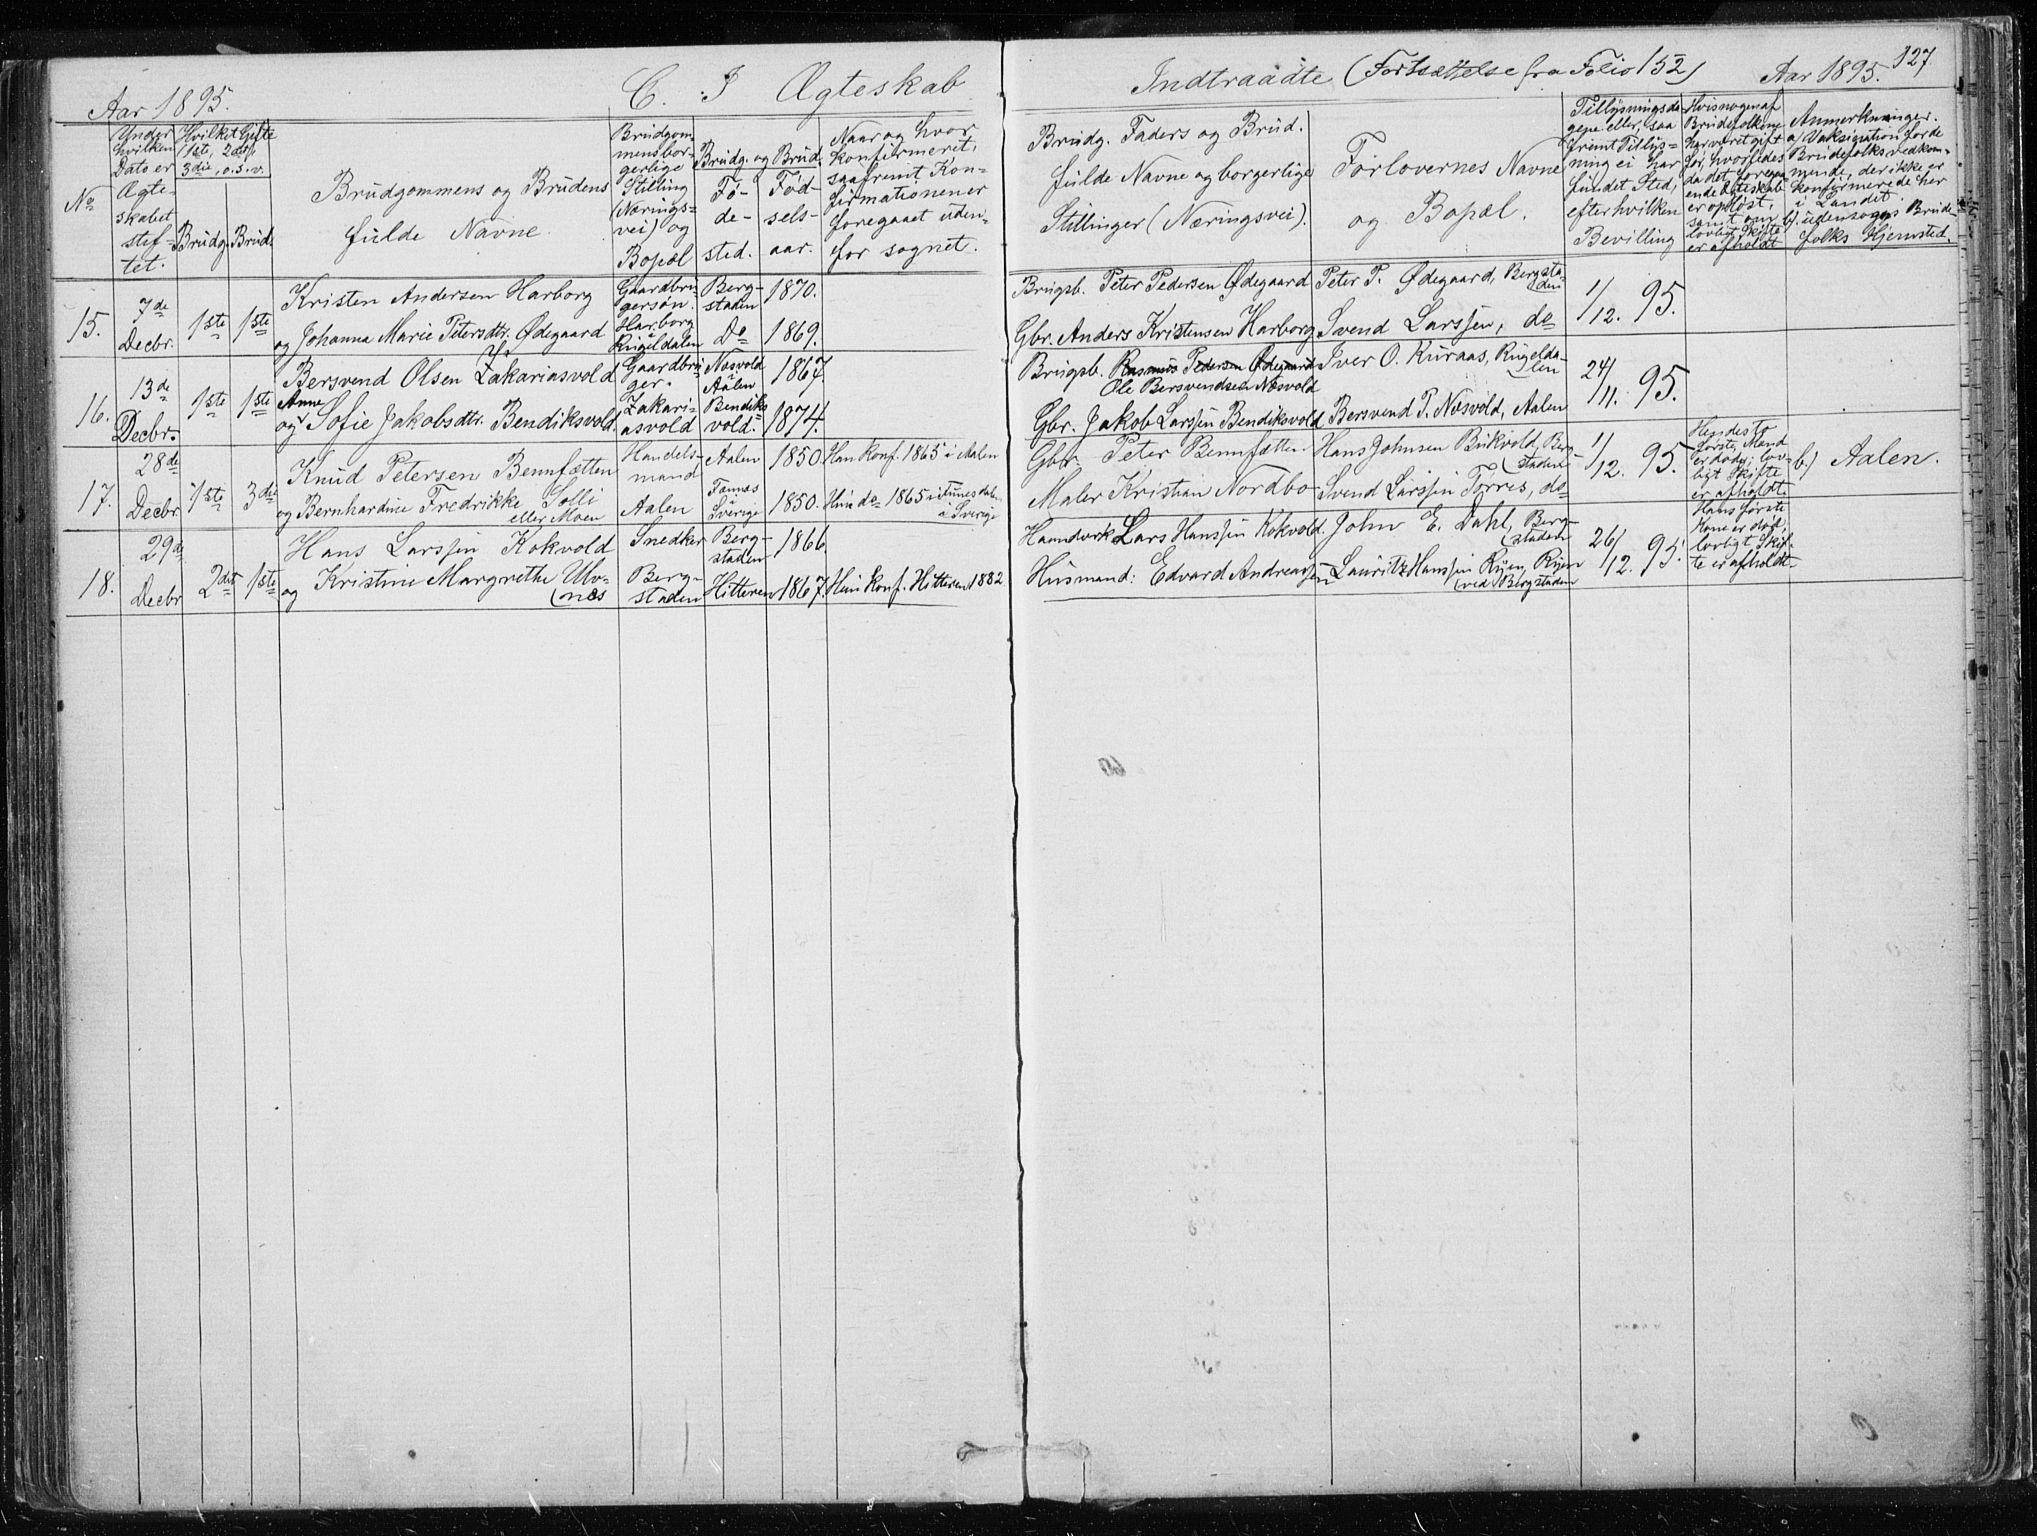 SAT, Ministerialprotokoller, klokkerbøker og fødselsregistre - Sør-Trøndelag, 681/L0940: Klokkerbok nr. 681C04, 1880-1895, s. 127